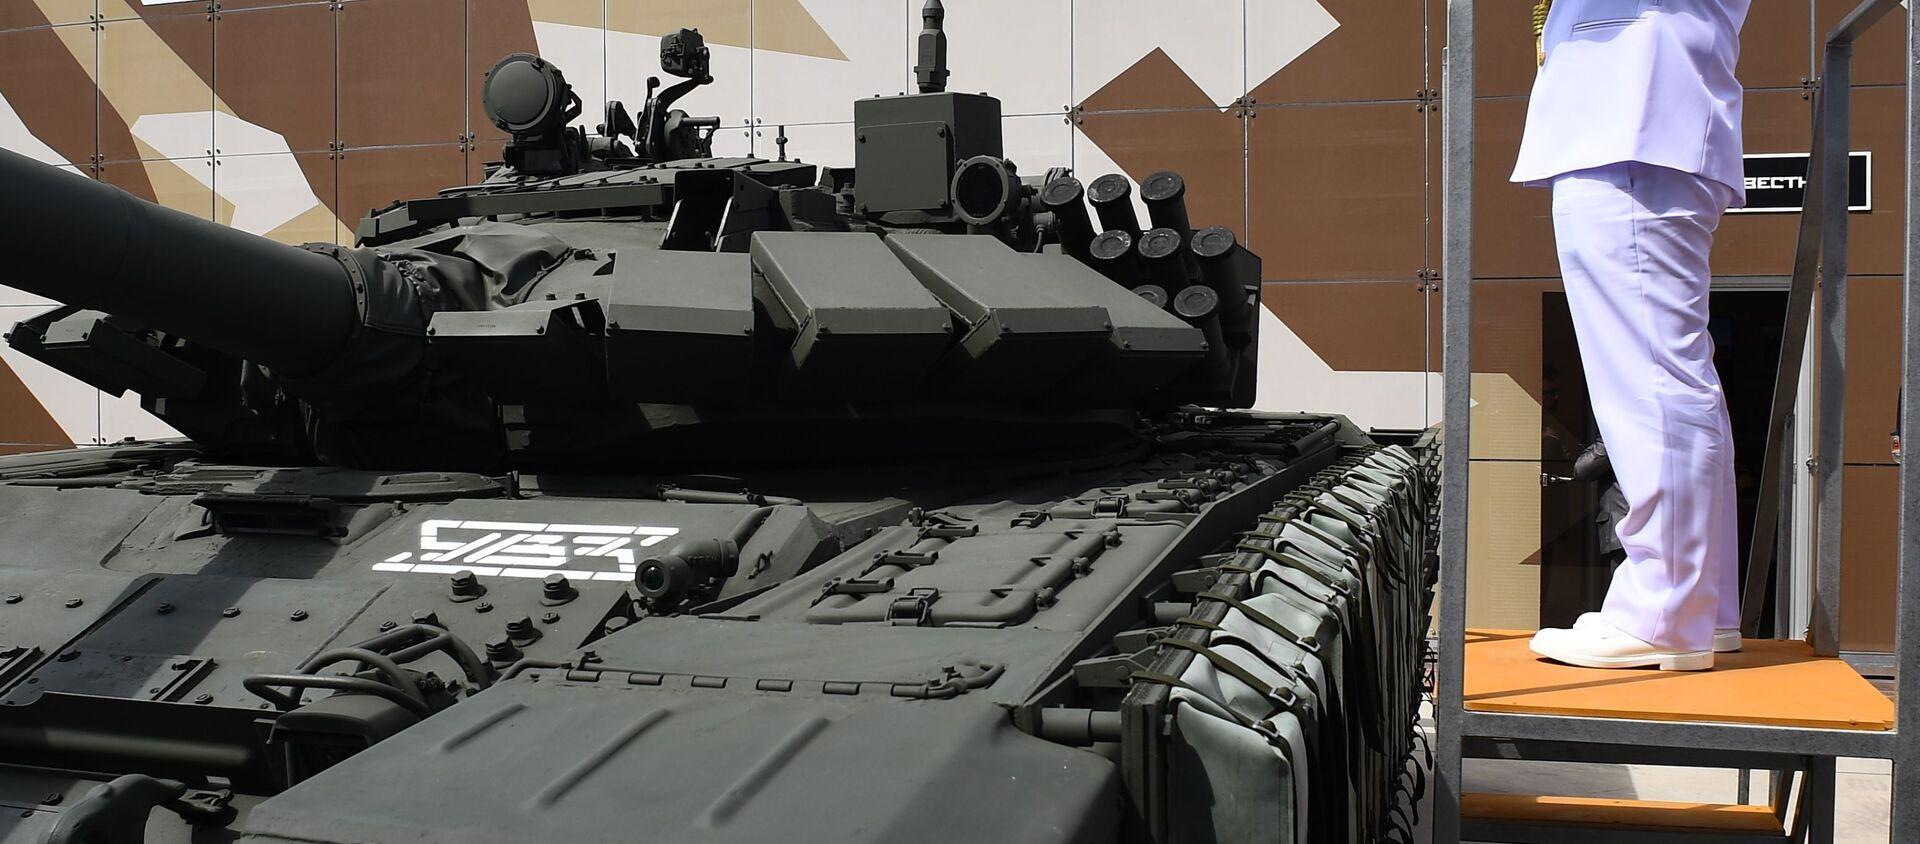 """Czołg konstrukcji radzieckiej T-72 na Międzynarodowym Forum Wojskowym """"Armia-2019""""   - Sputnik Polska, 1920, 29.07.2019"""